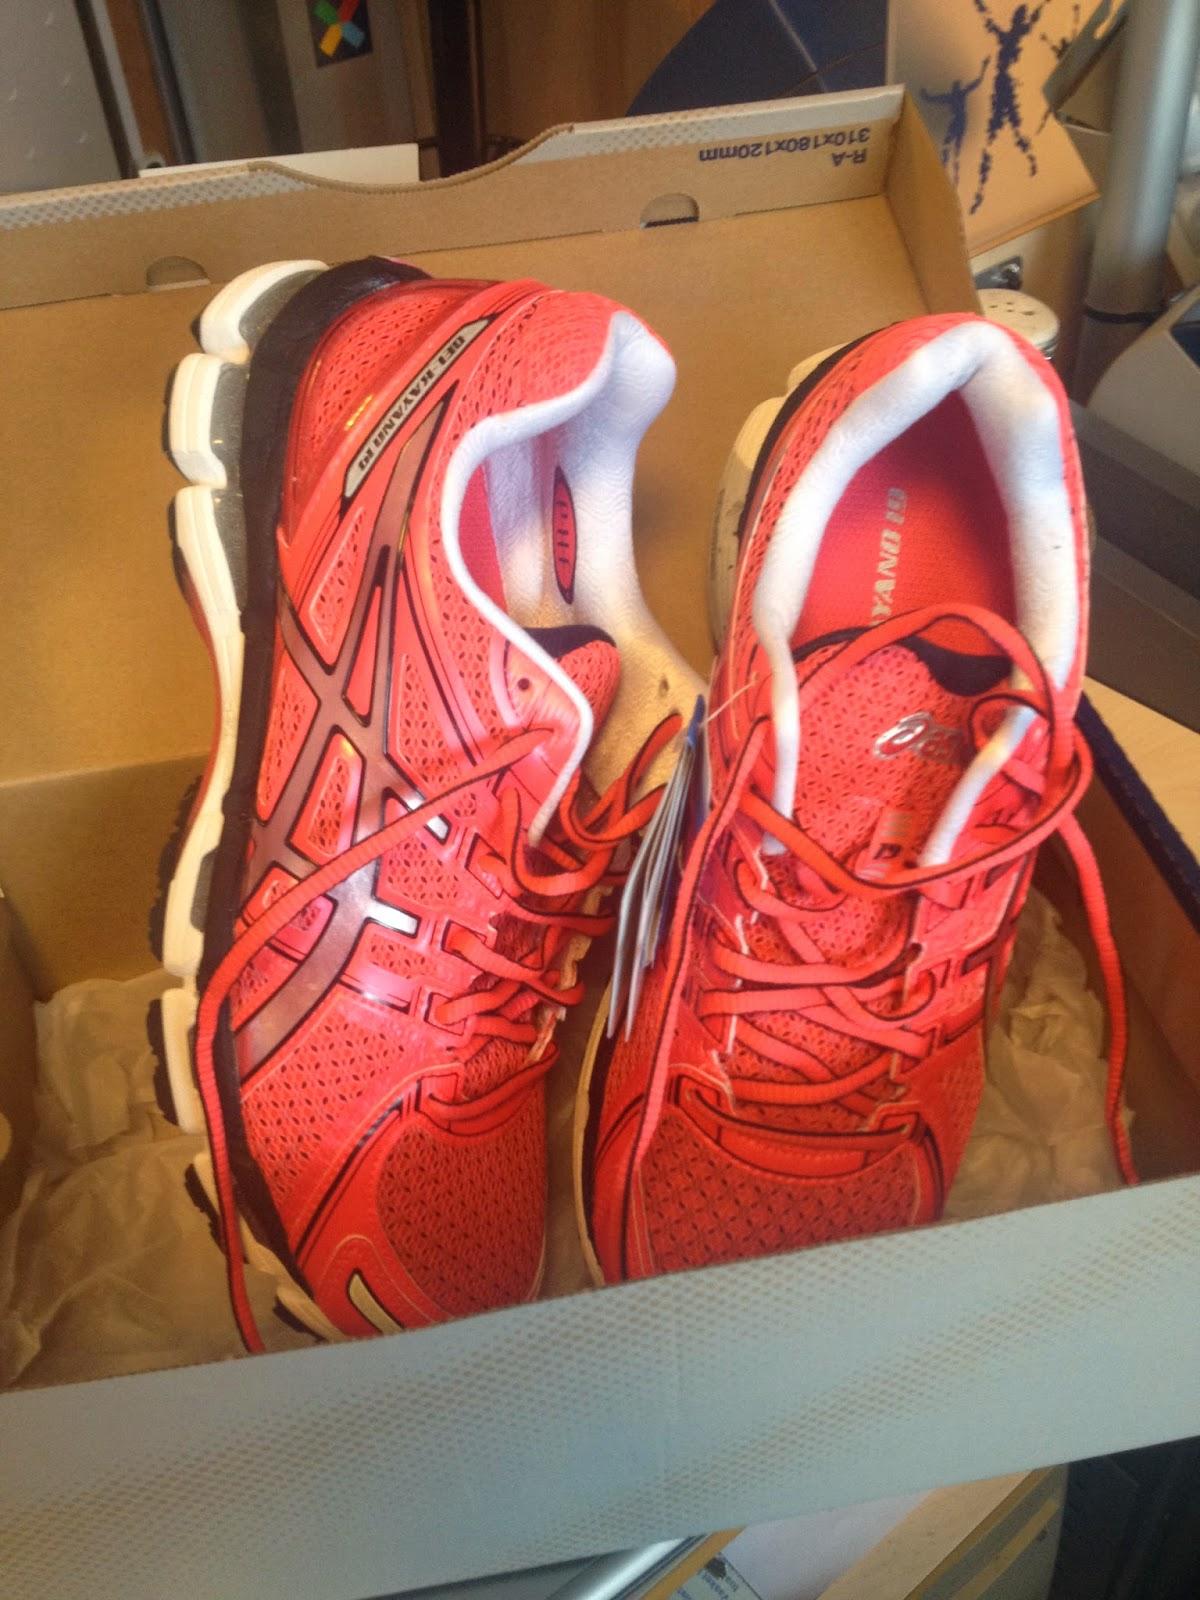 ba076873 Disse skoene ble nøye valgt ut til meg på Asics i London i august i fjor.  Jeg oppga vekt og hvor jeg normalt løp og ble beordret opp på tredemølla.